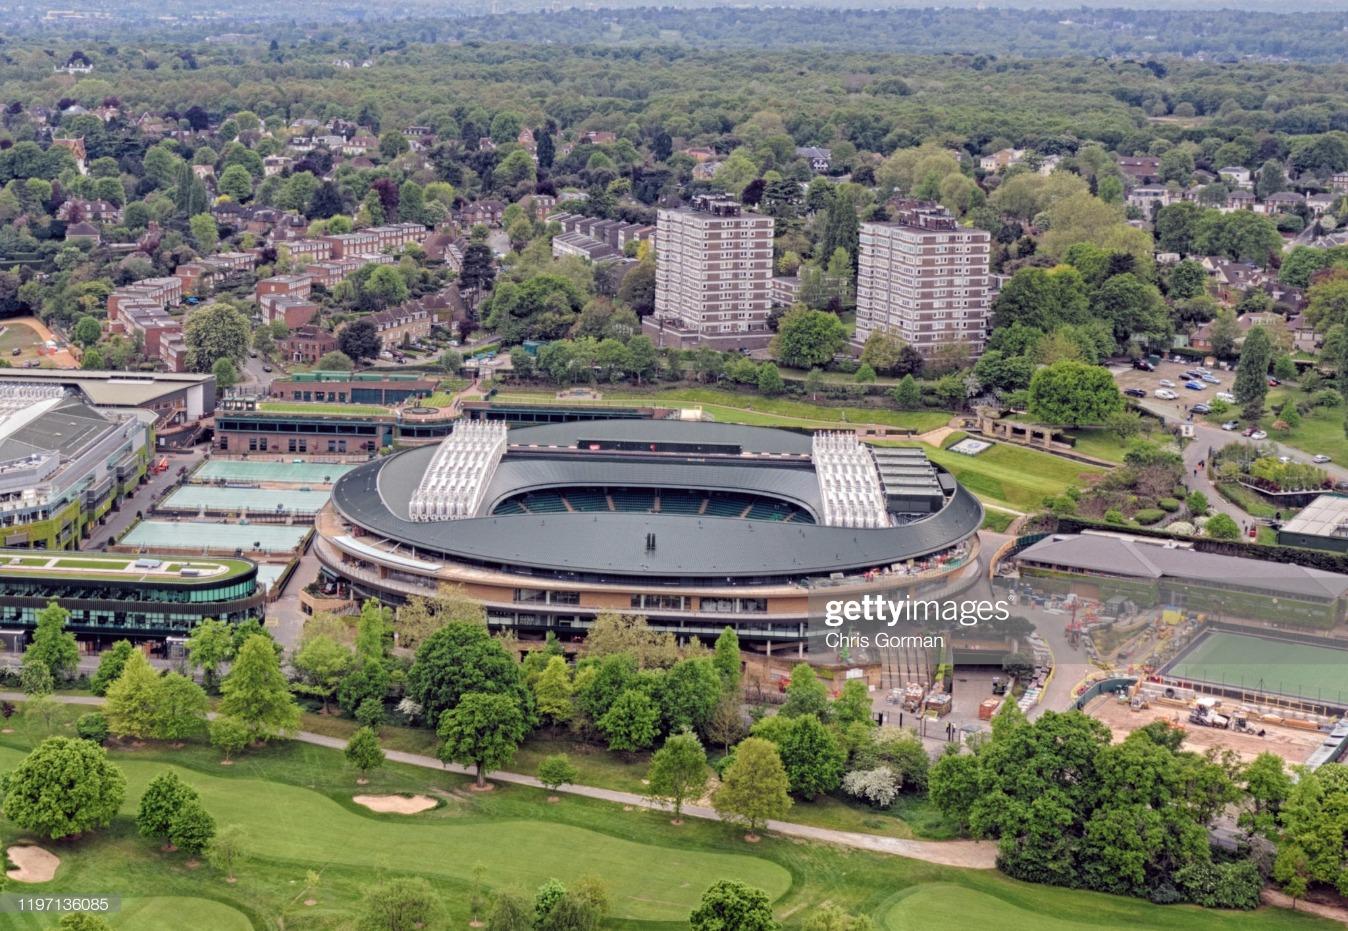 Wimbledon seen from the air : News Photo